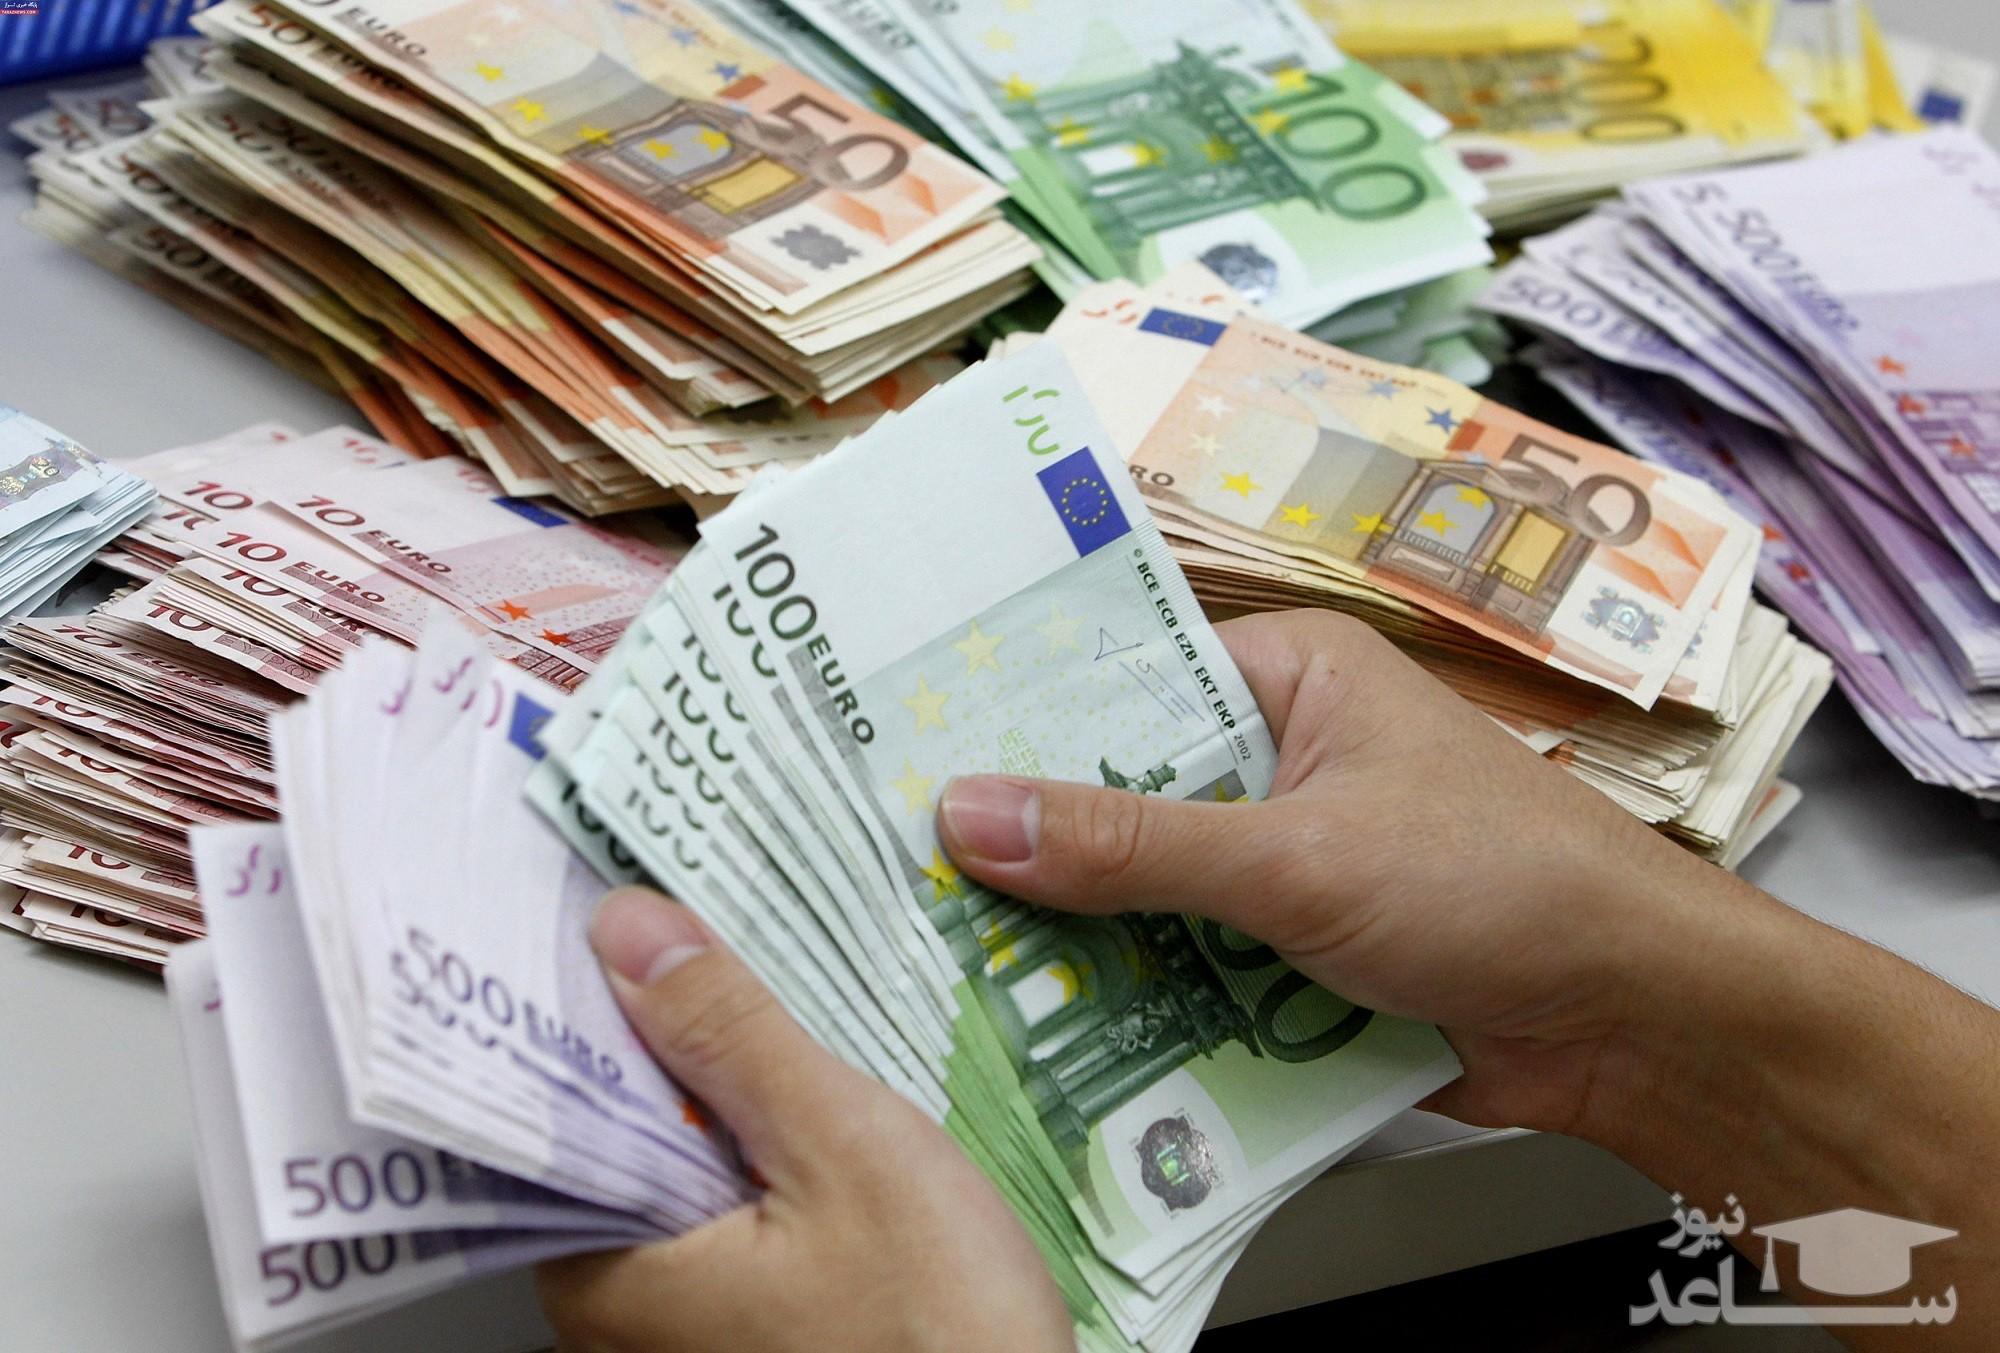 خریداران ارز نوبت شان در صفها را ٢٠٠ تا ٣٠٠ هزار تومان میفروشند